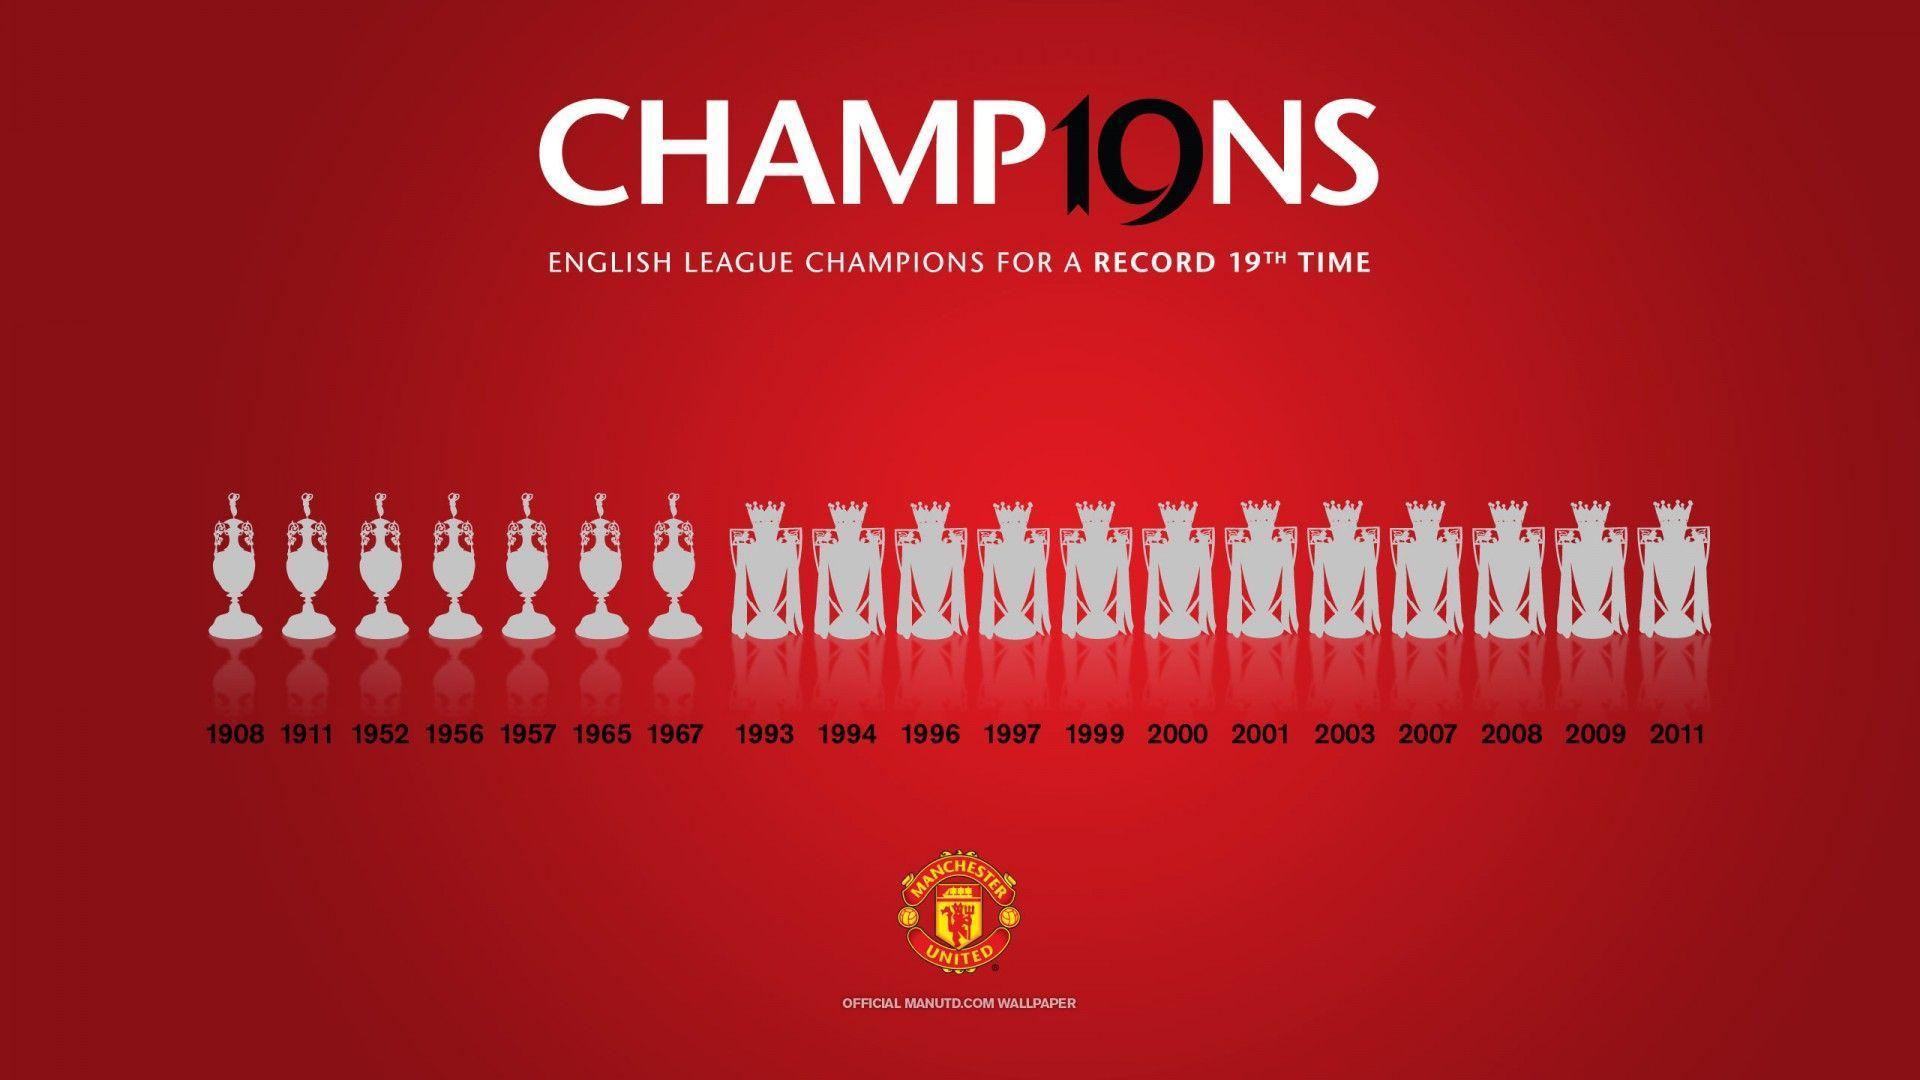 Manchester United Wallpaper Hd 1366x768 Wallpaper | Football ...